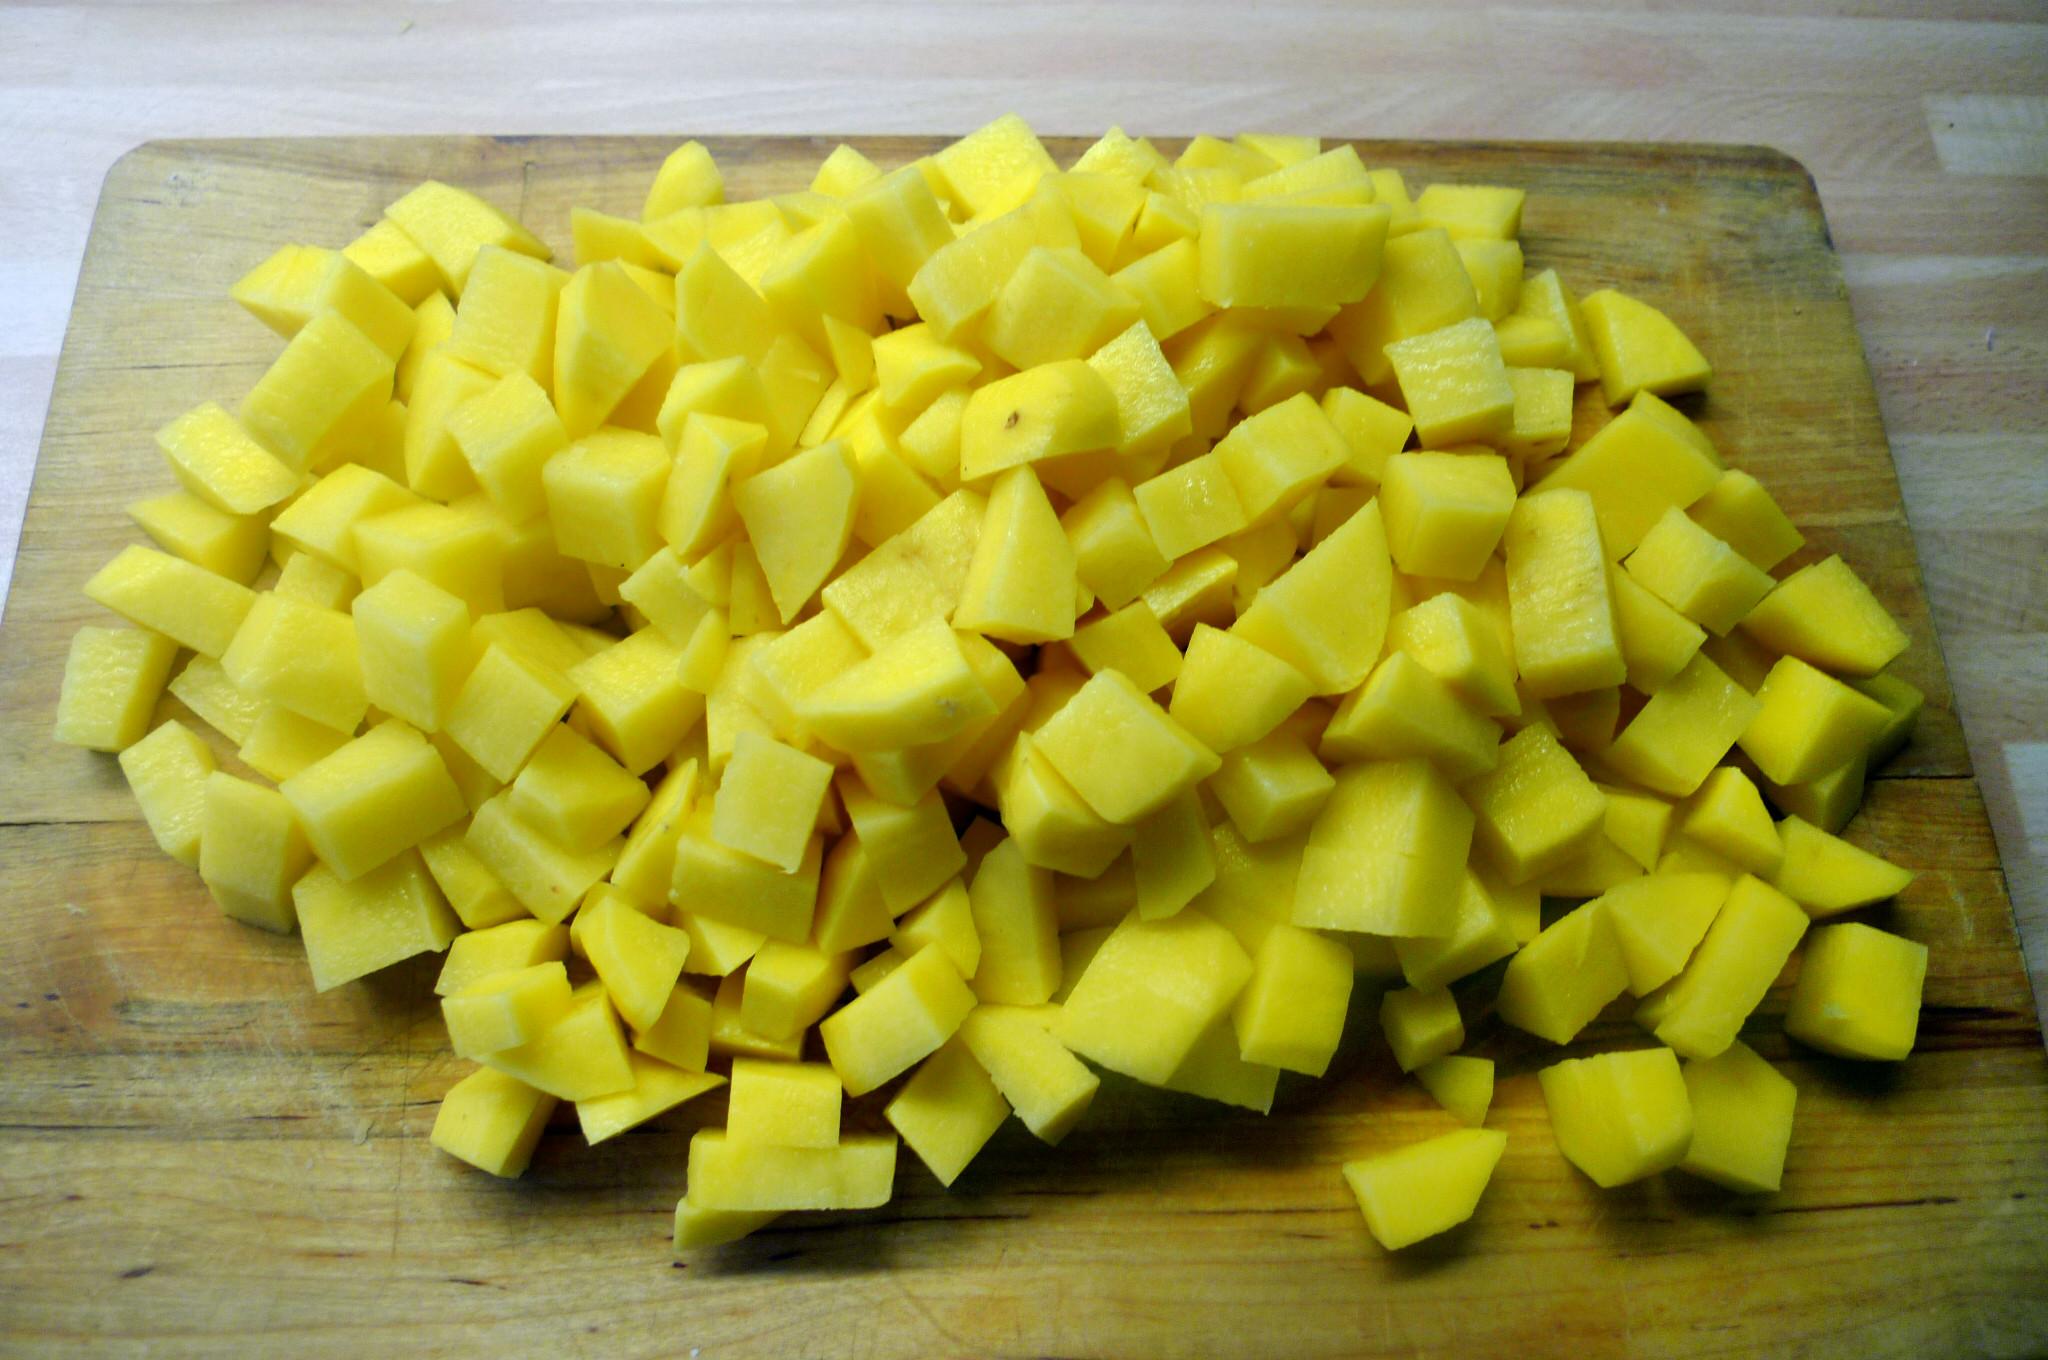 Roh gebratene Kartoffeln,Kräutersaitlinge,Champignon,Römersalat - 26.2.15   (2)